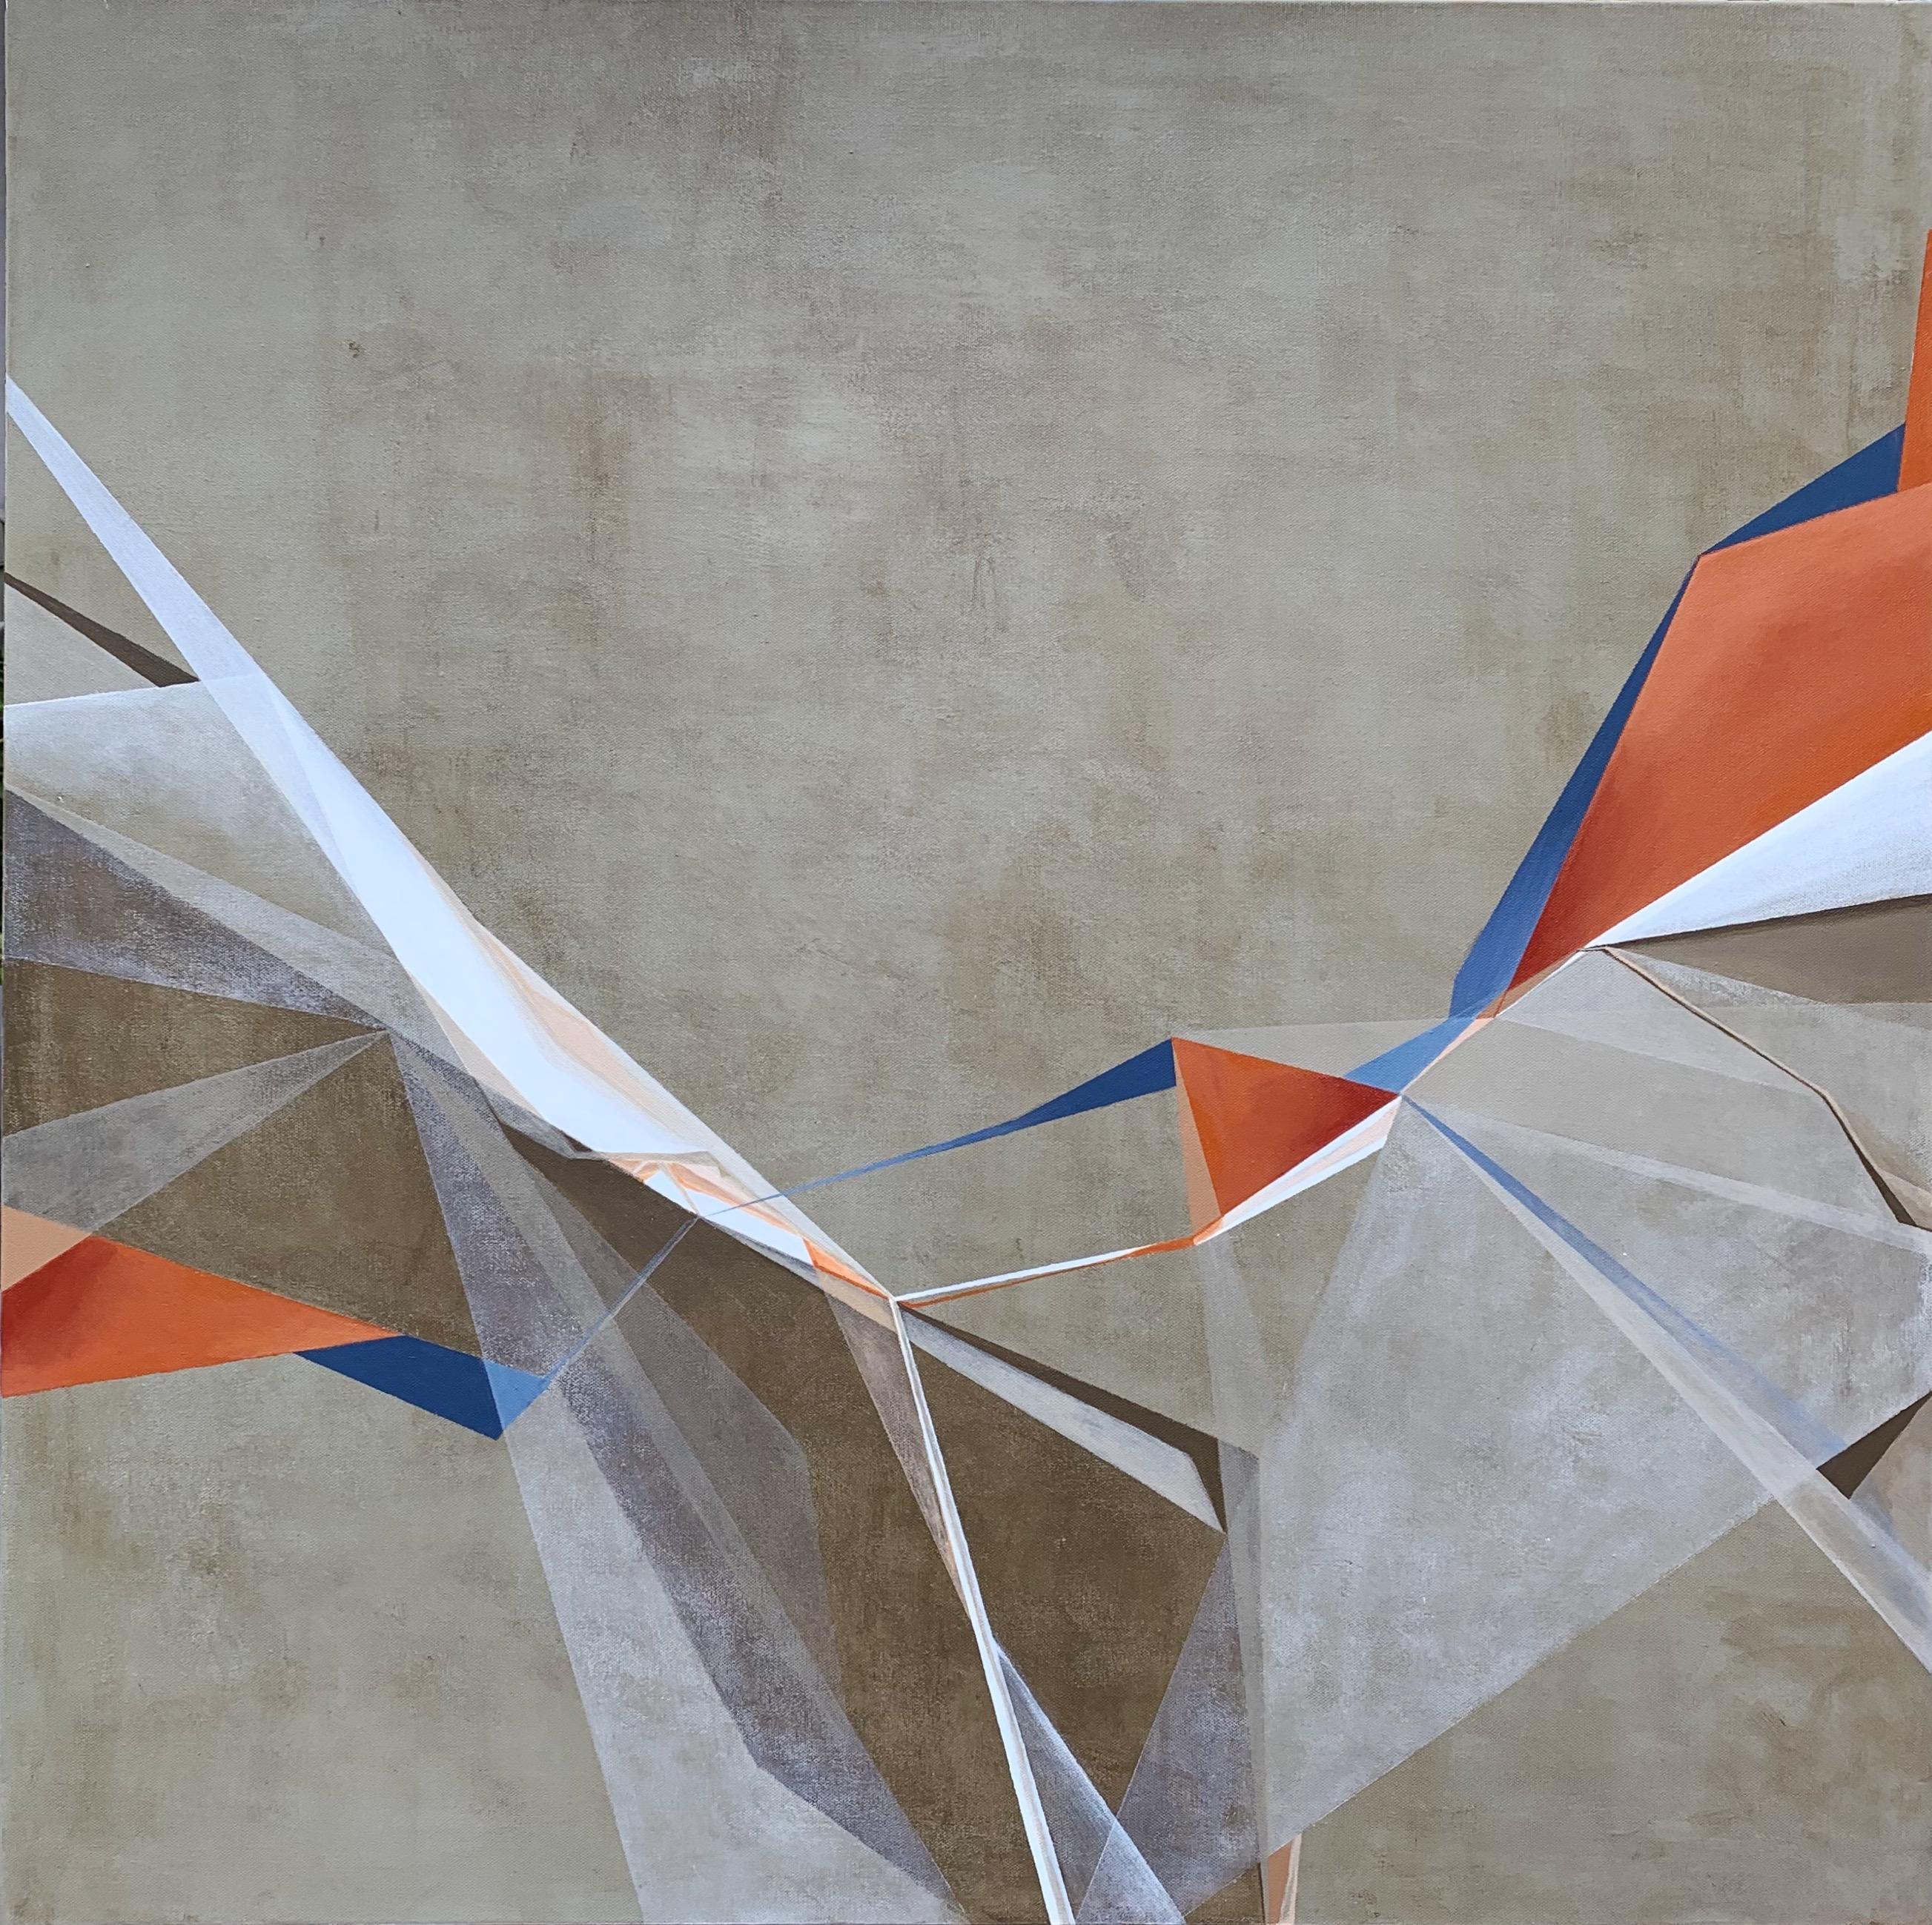 Boundaries #6 - Acrylic on canvas 36x36.